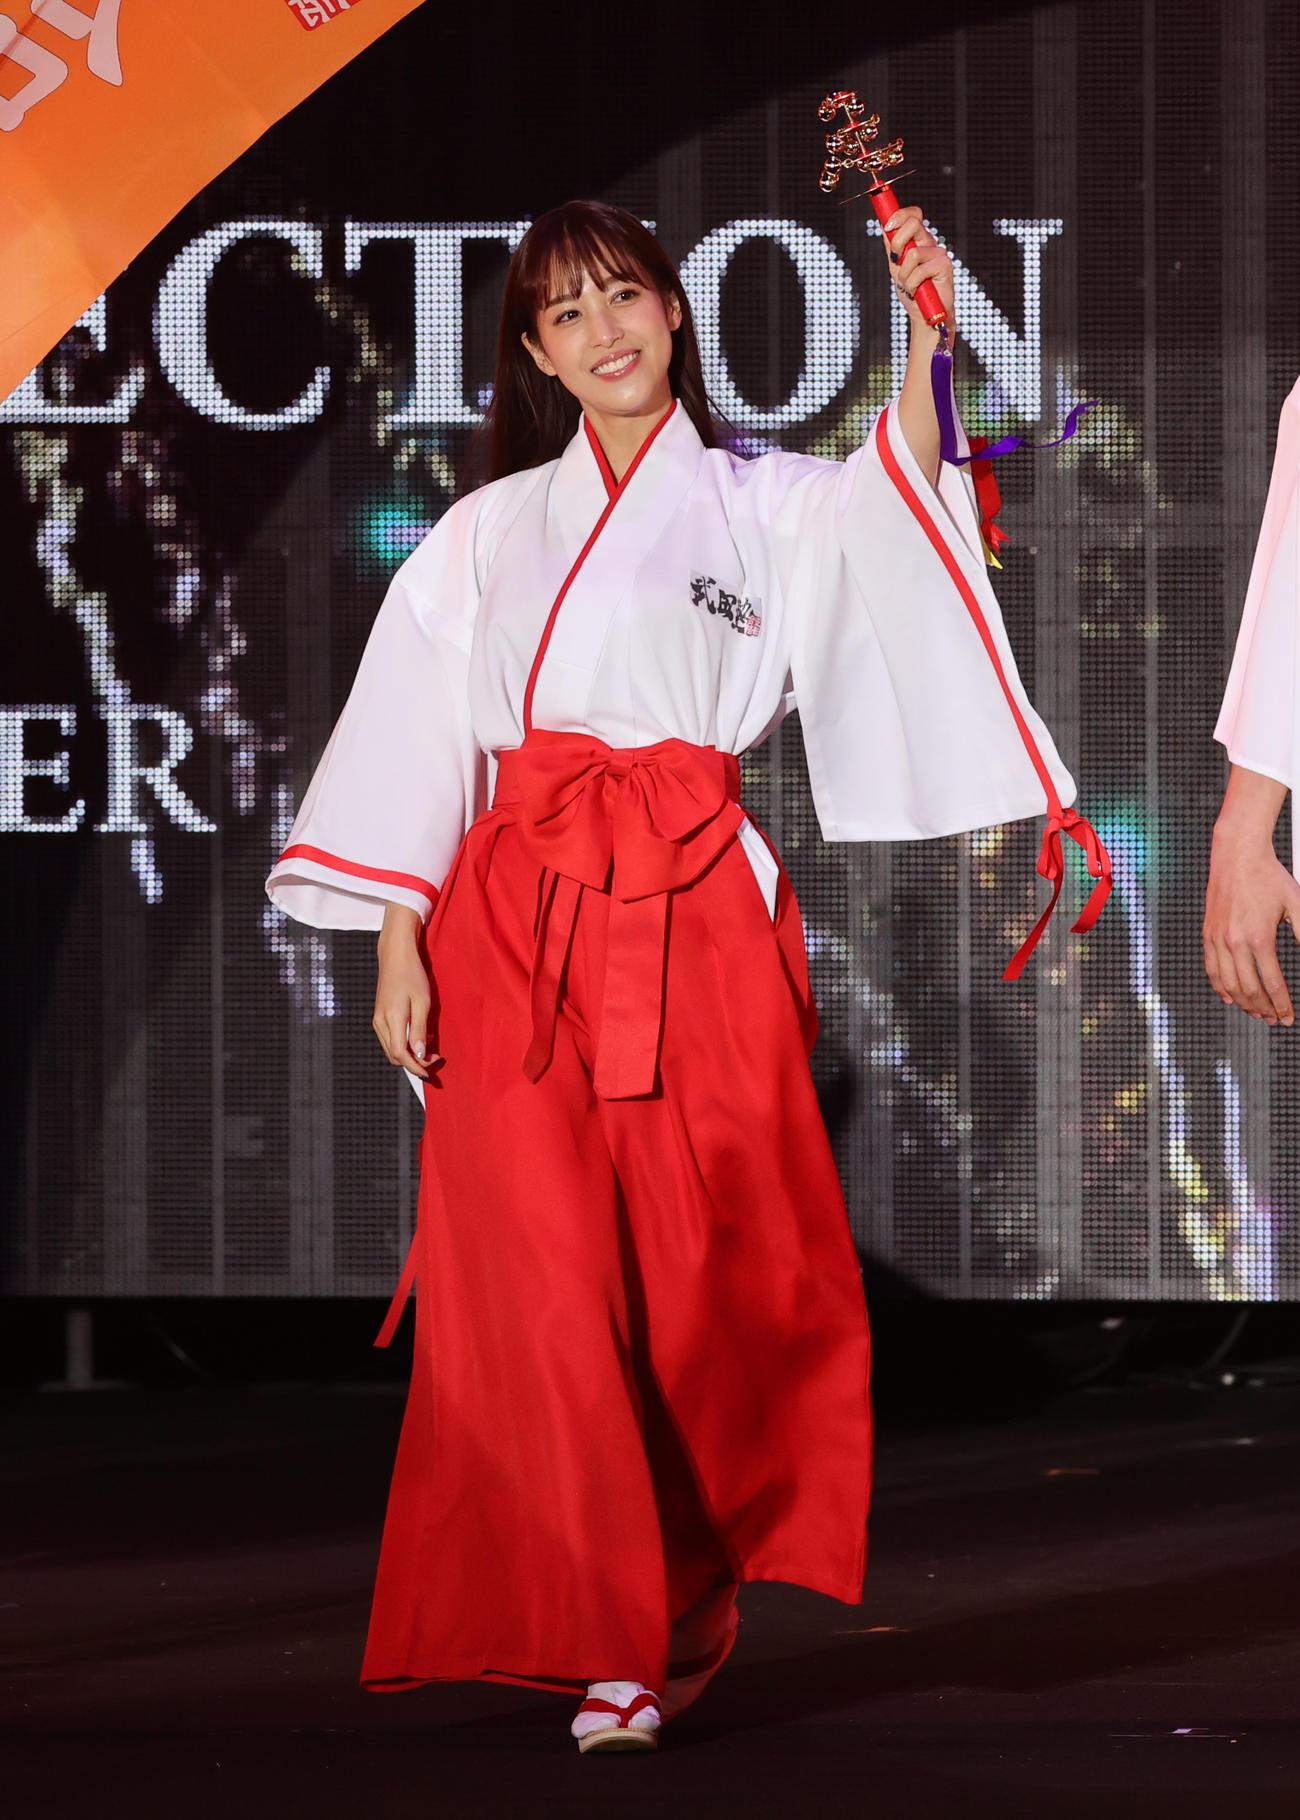 東京ガールズコレクションで武田塾のコーナーに巫女姿で登場した鷲見玲奈(撮影・野上伸悟)